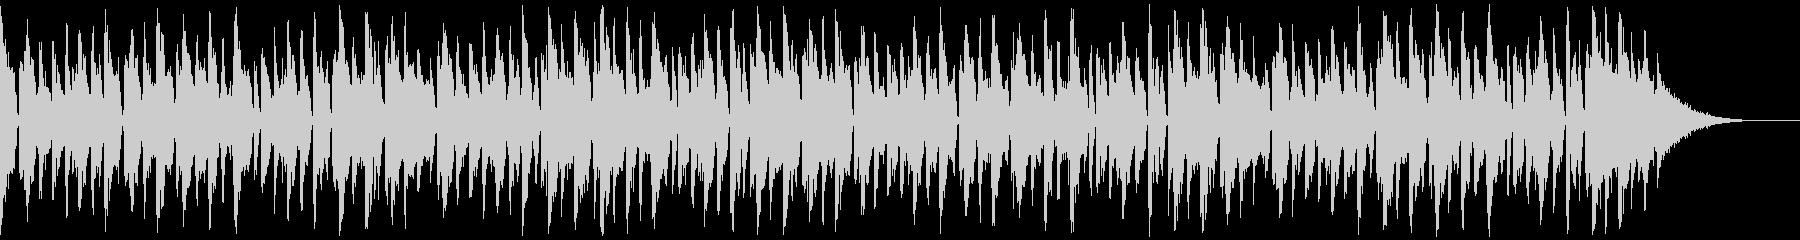 ダンサンブルなフューチャーハウスの未再生の波形